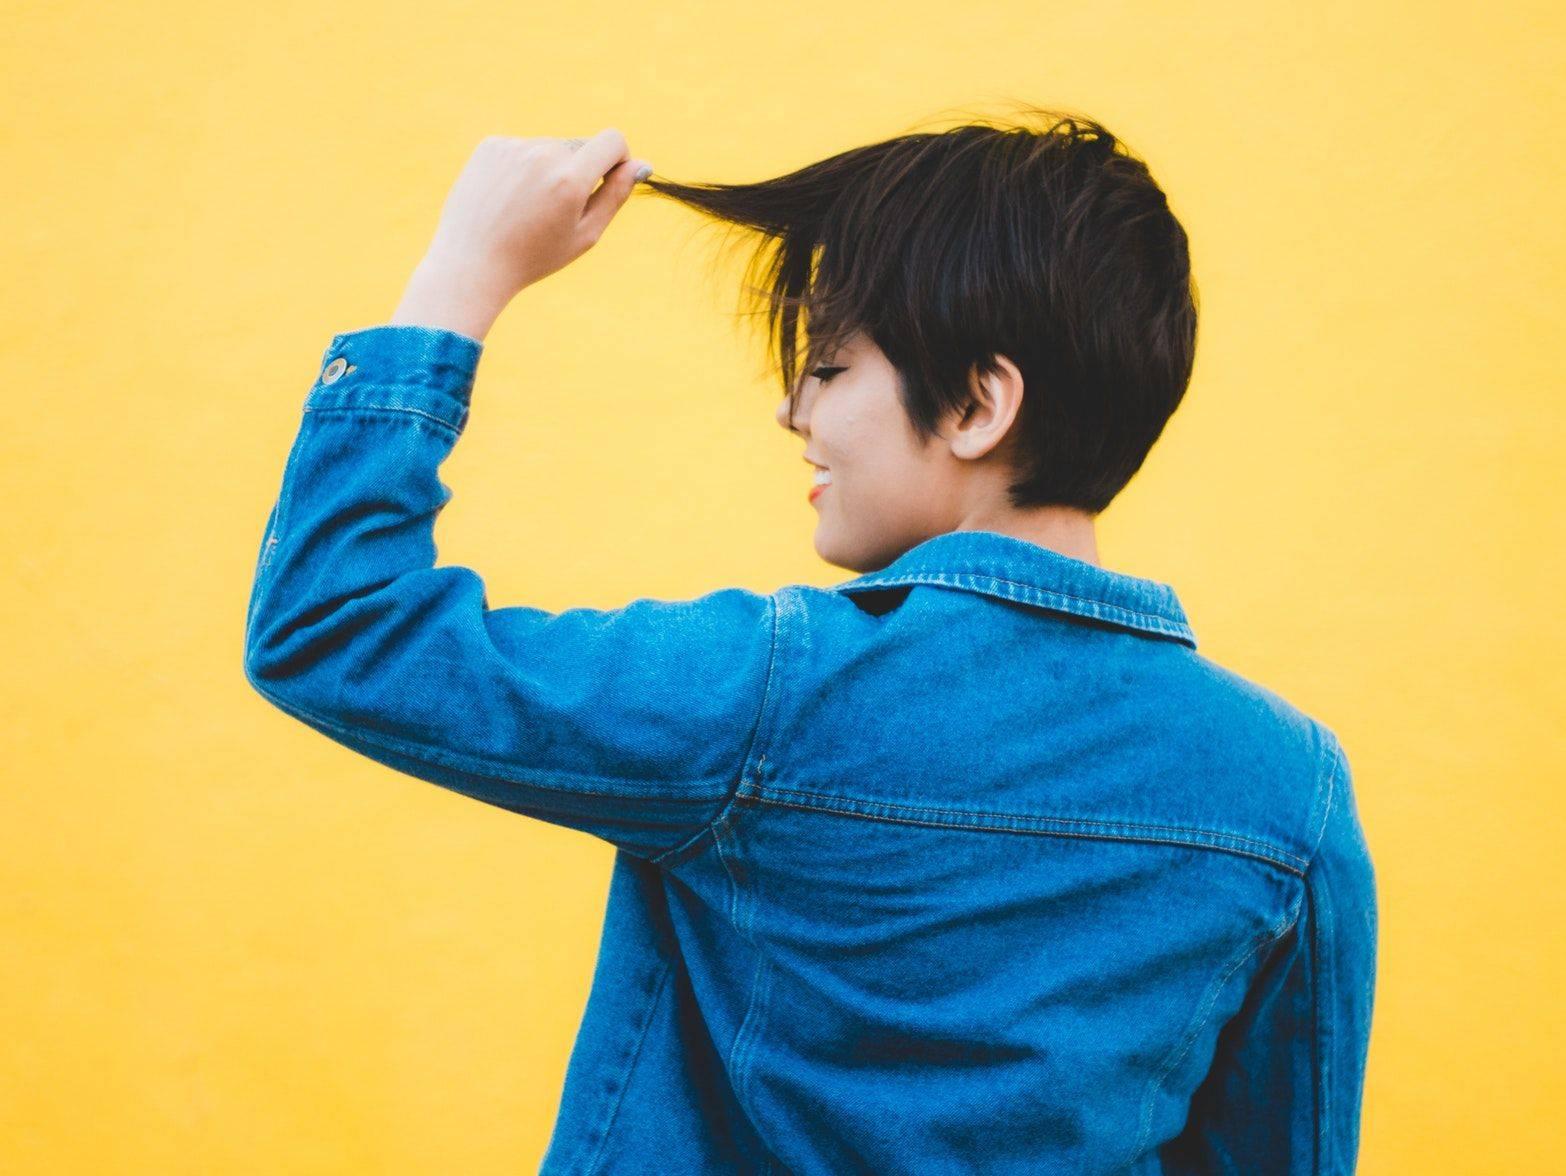 Qual a importância do teste de mecha antes de clarear os cabelos?